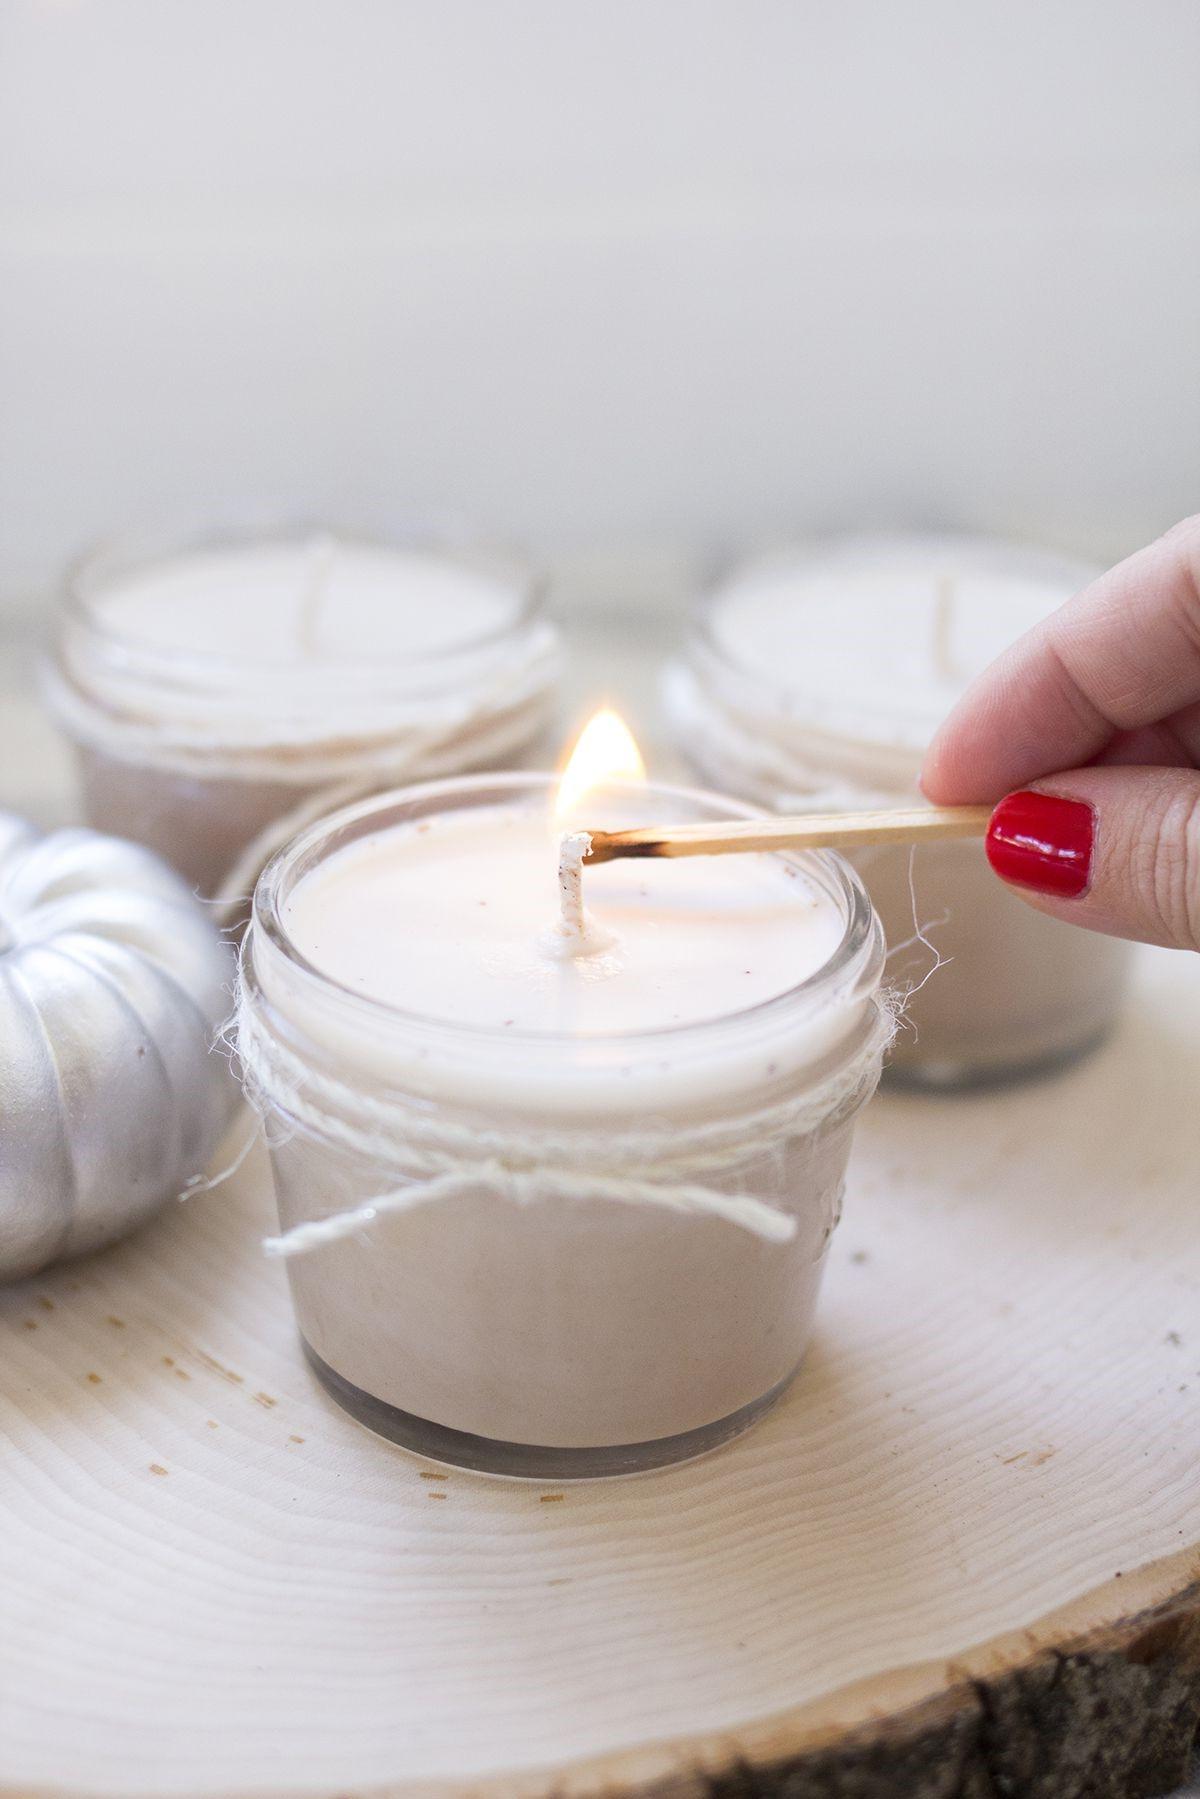 Les bougies ont évolué au fil du temps d'une source de lumière utilitaire à un accent décoratif qui a de nombreux usages et avantages différents.